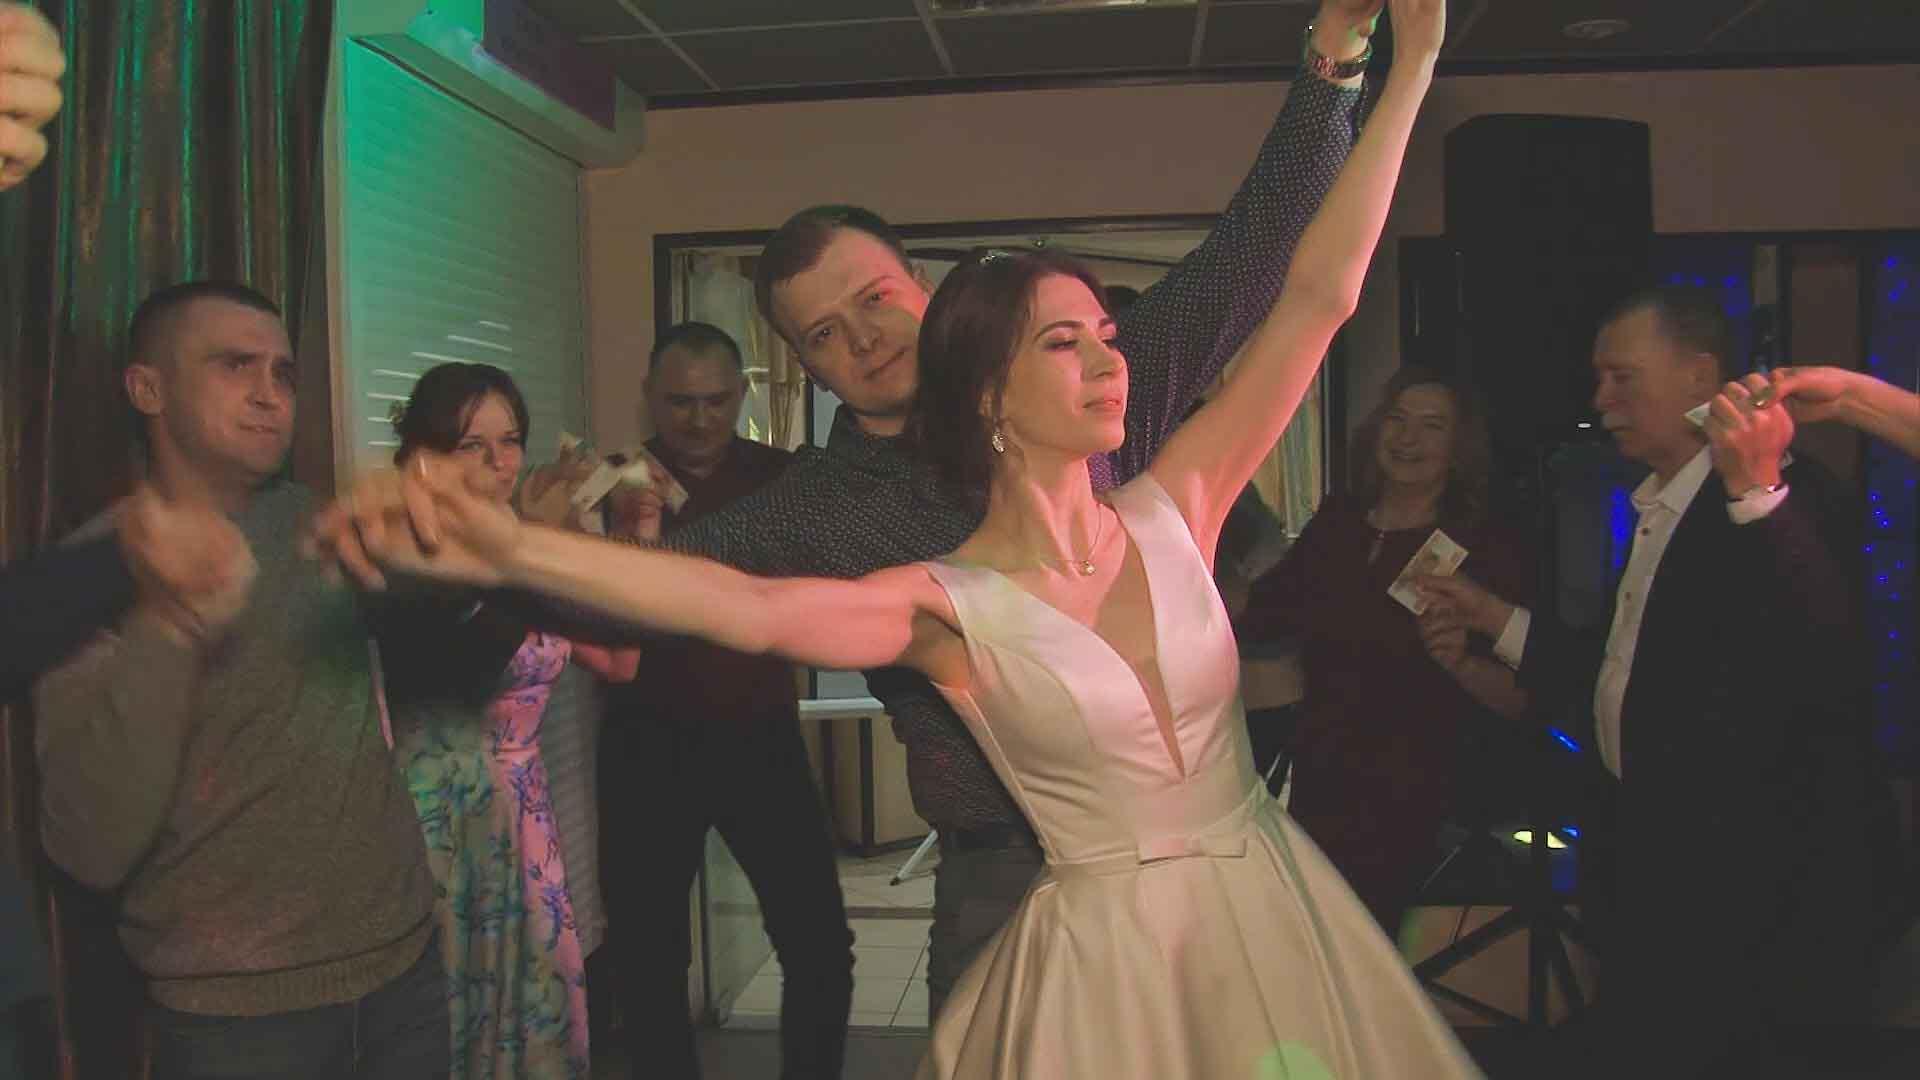 свадебный видеооператор, свадебная видеосъемка, видеооператор на свадьбу, видеограф на свадьбу